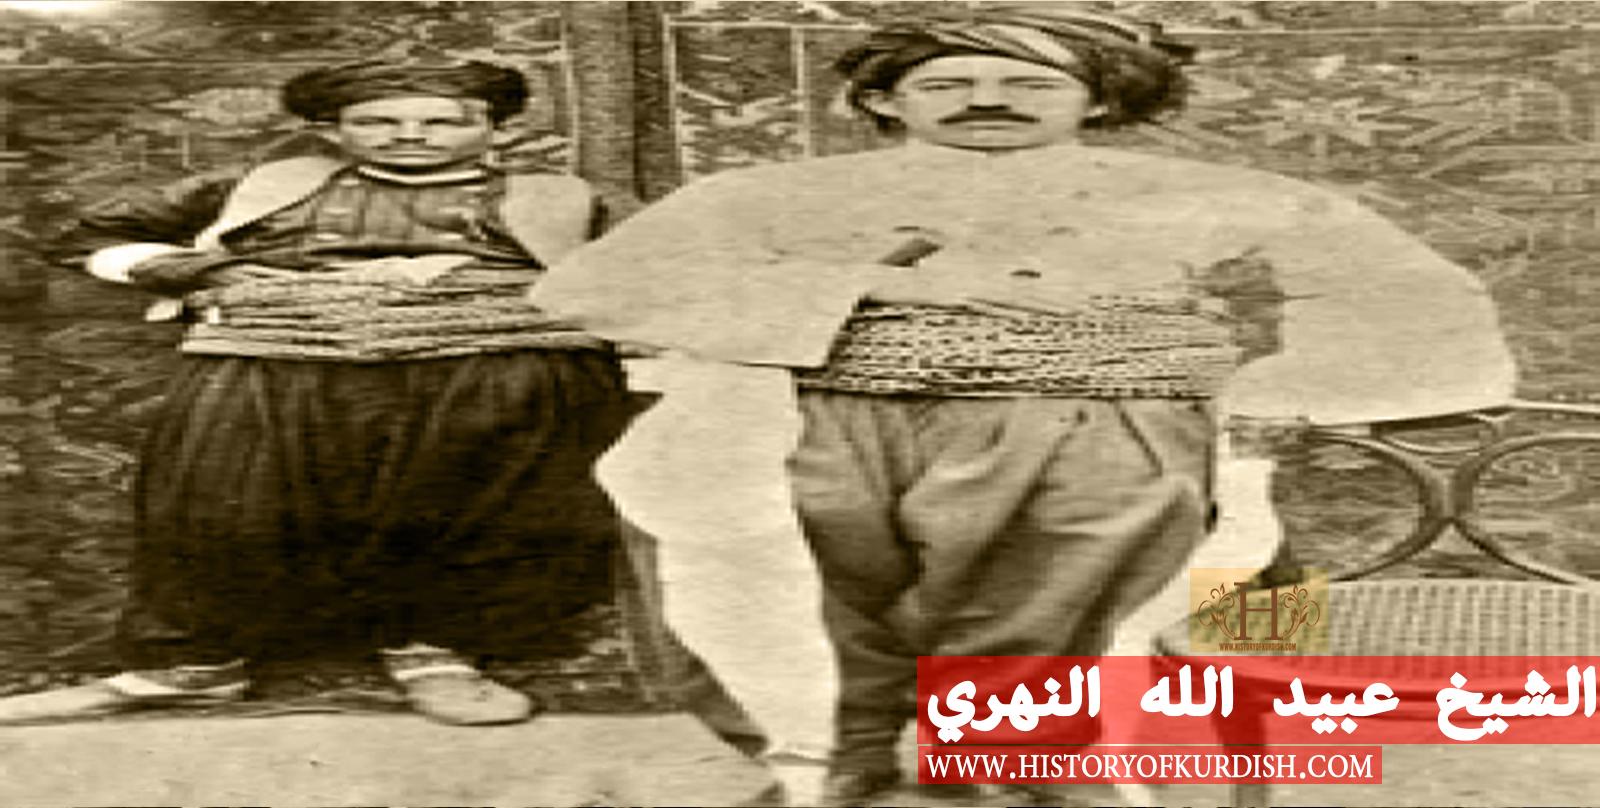 Photo of لقاء تاريخي فريد مع الشيخ عبيد الله النهري